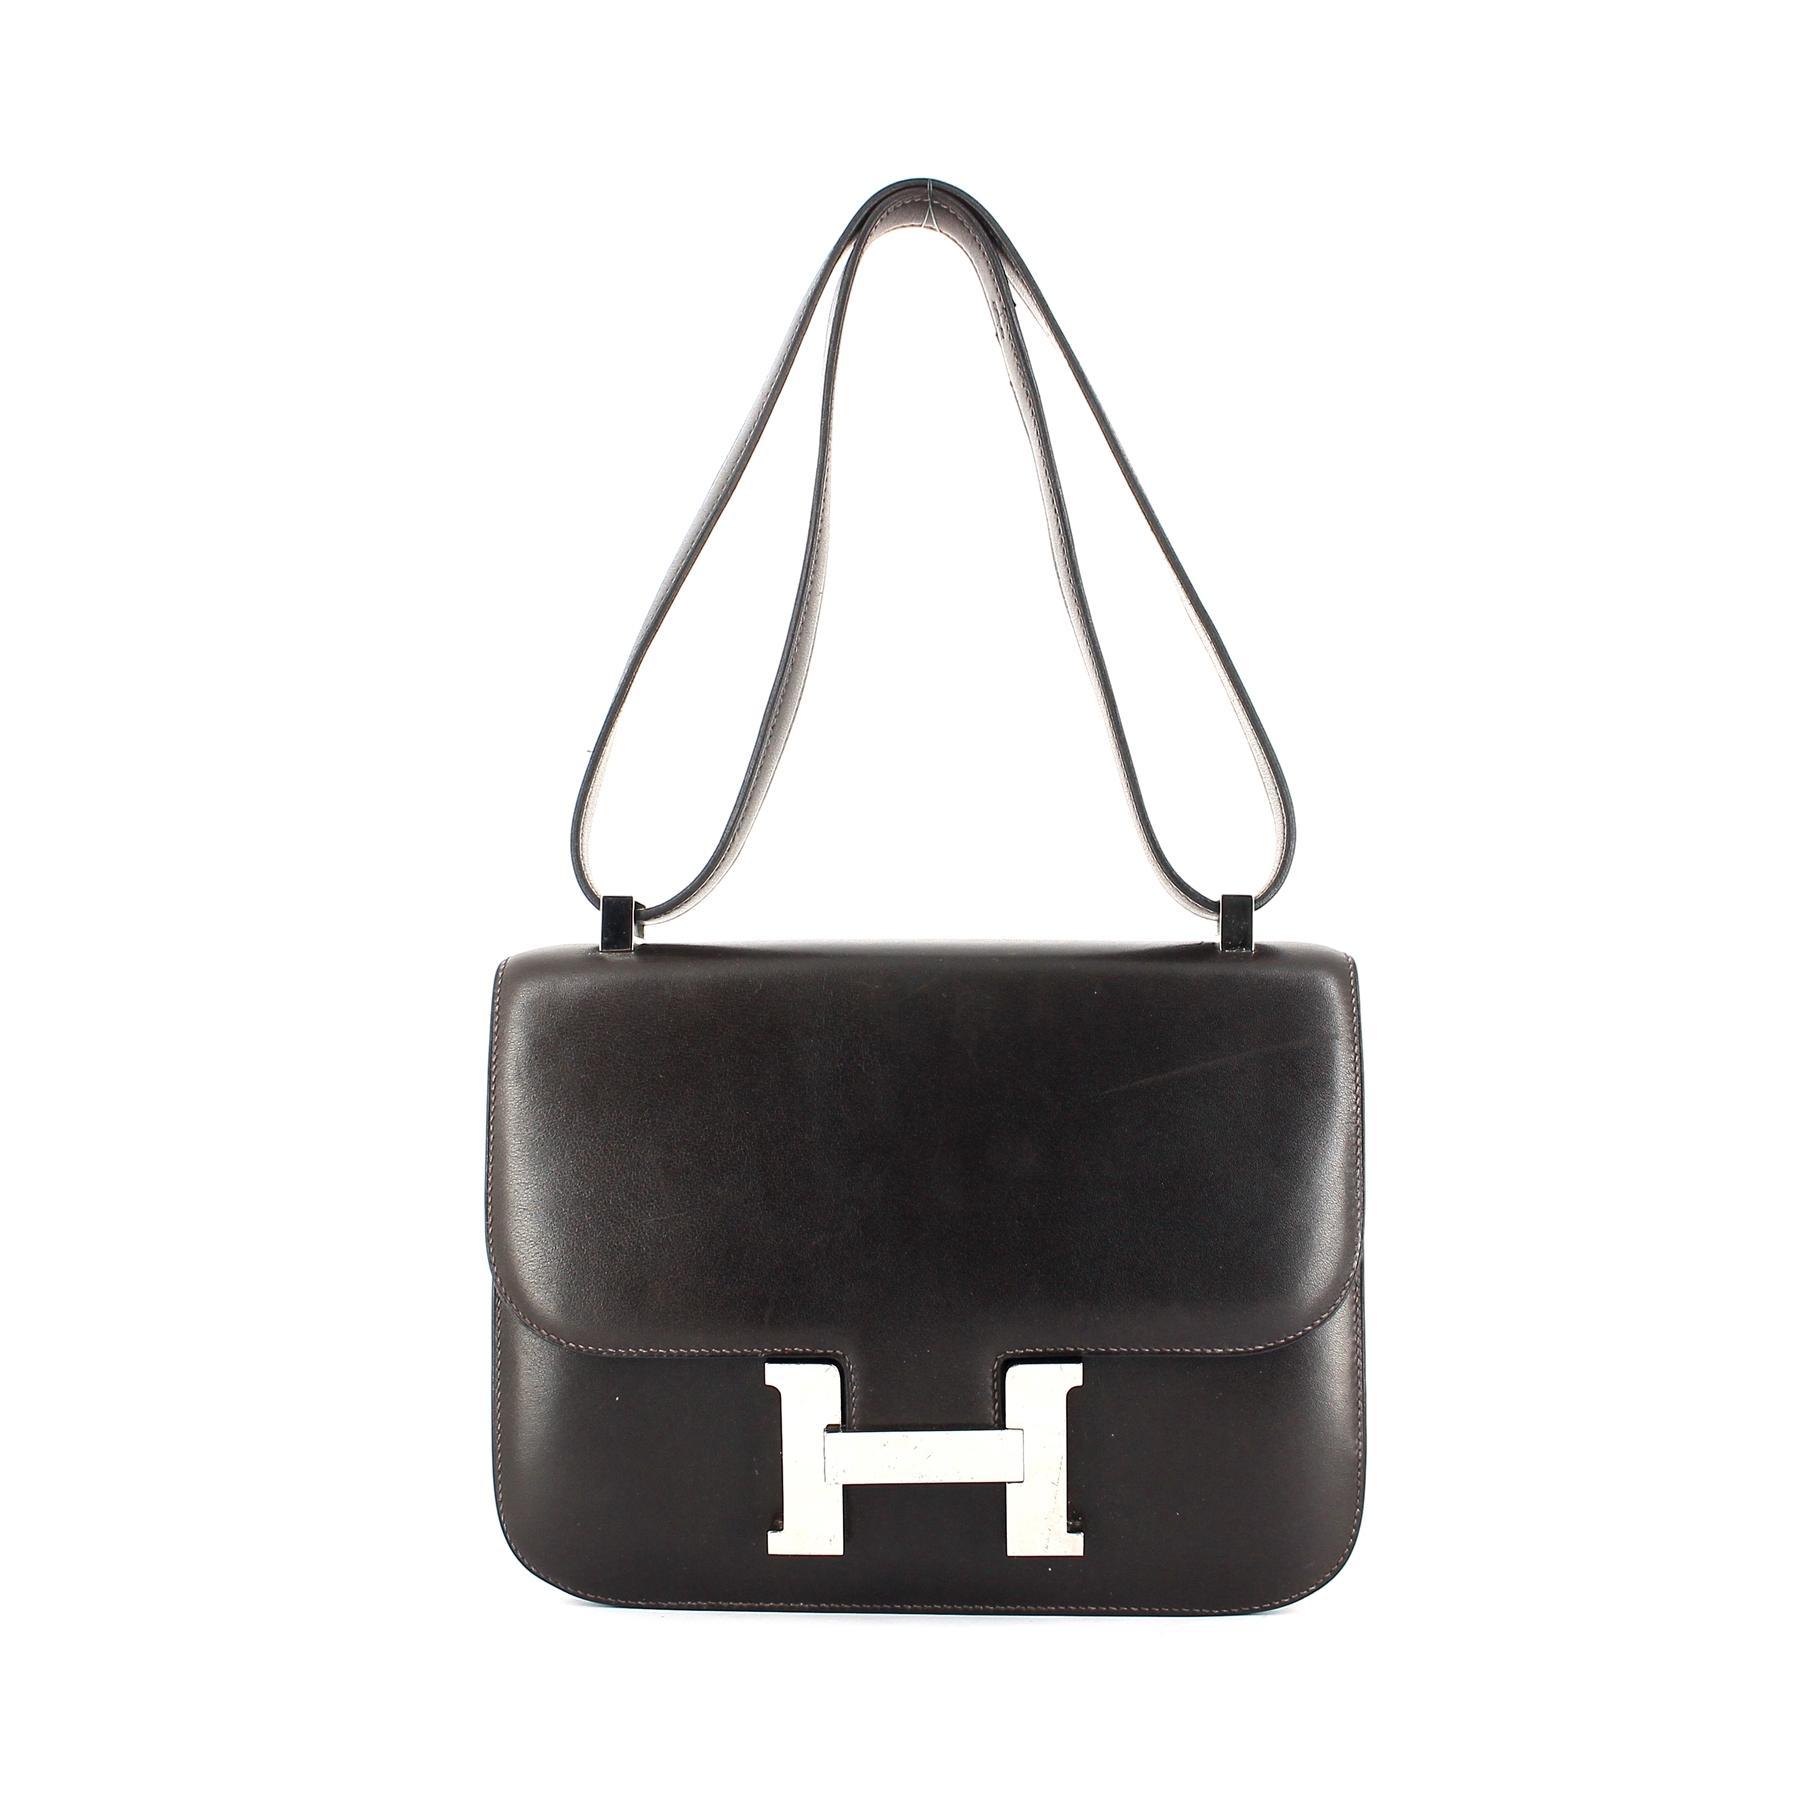 Un sac, un look   le Constance d Hermès, l indispensable bandoulière ... 4e3570e7c2a